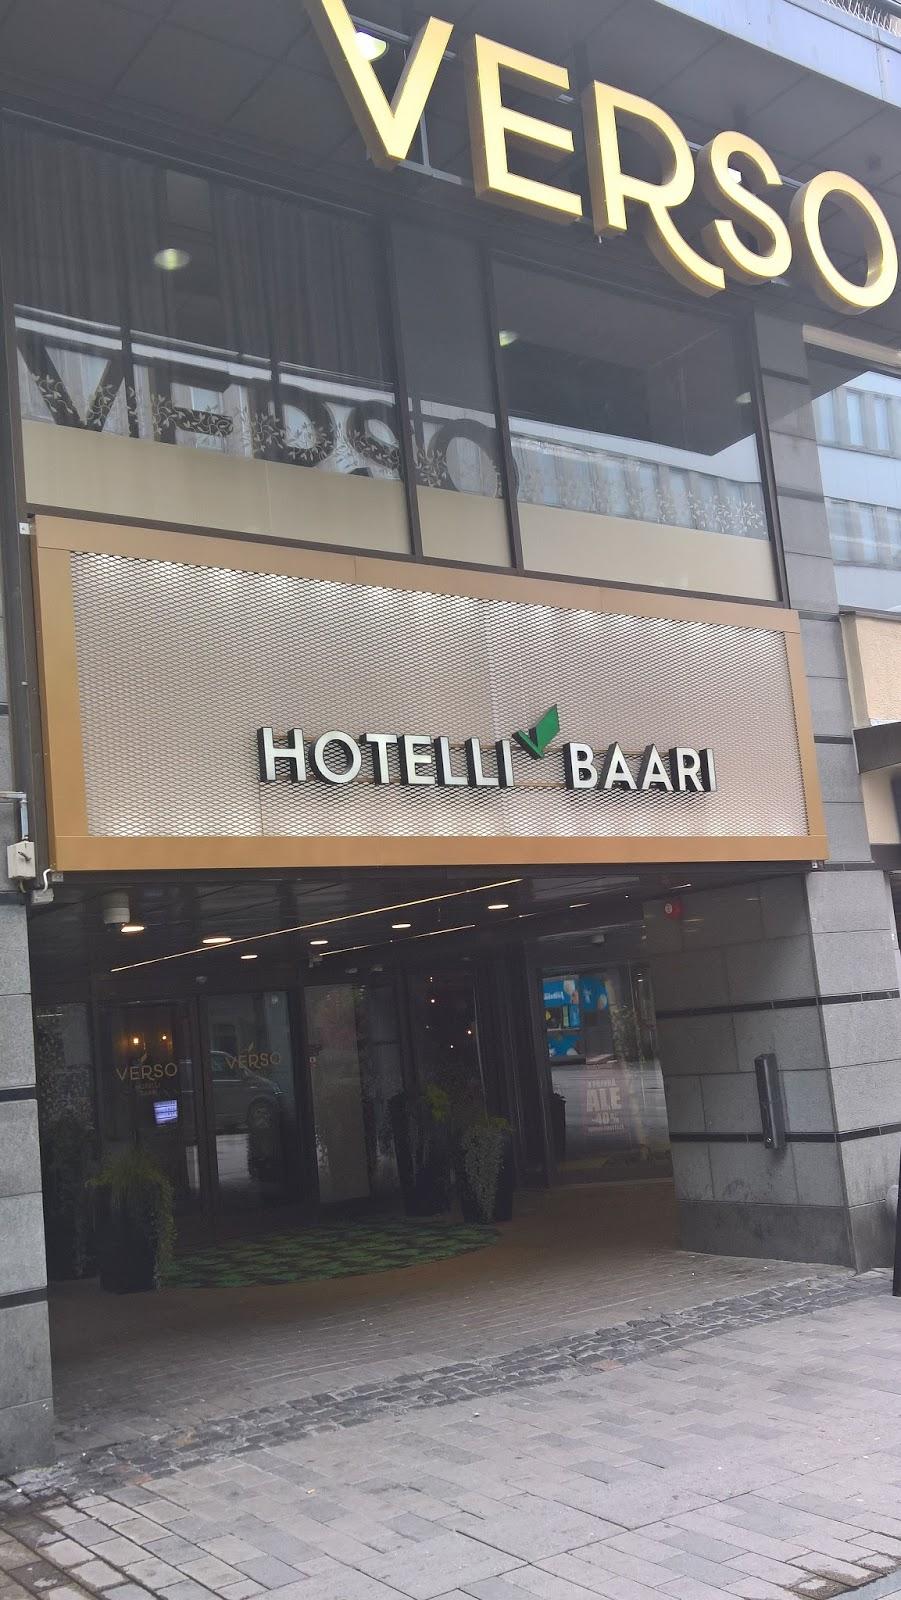 Hotelli Verso suomalainen aamiainen jyväskylä mallaspulla